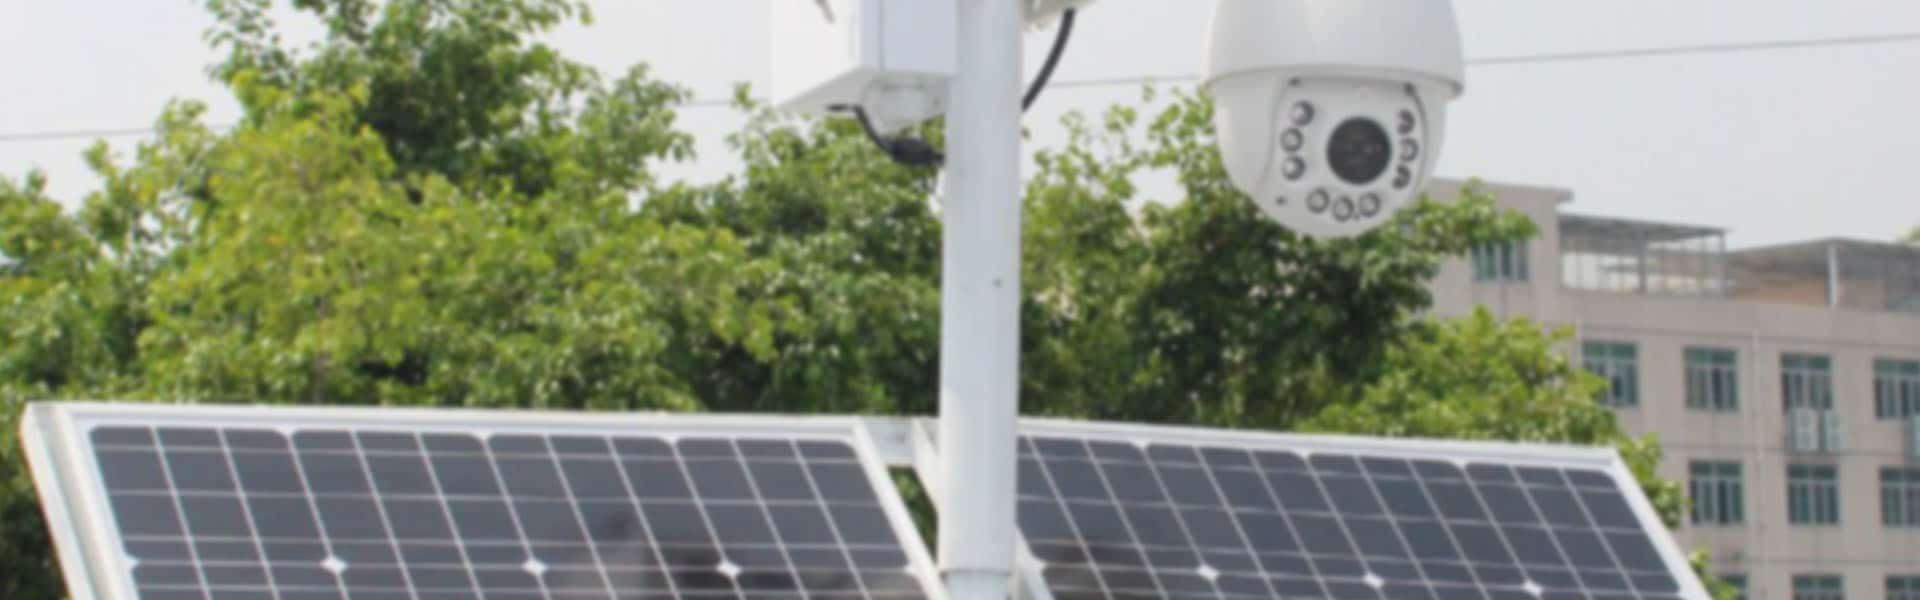 اطلاعات تکمیلی درباره ی دوربین مدار بسته خورشیدی